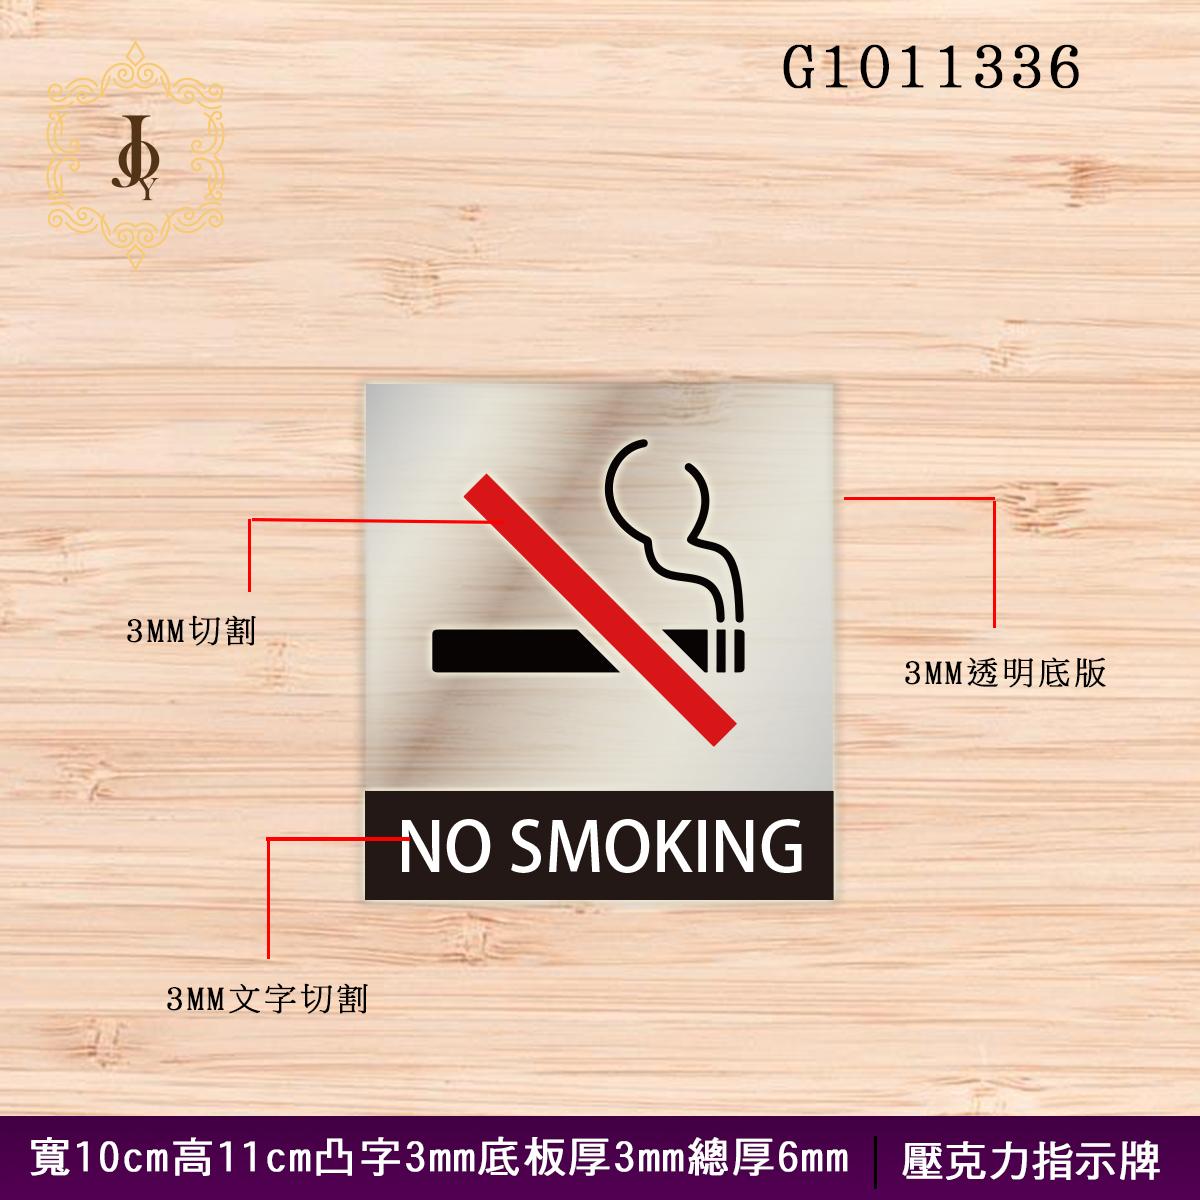 質感雙層壓克力透明底+割字/割型NOSMOKING禁止吸菸指示牌